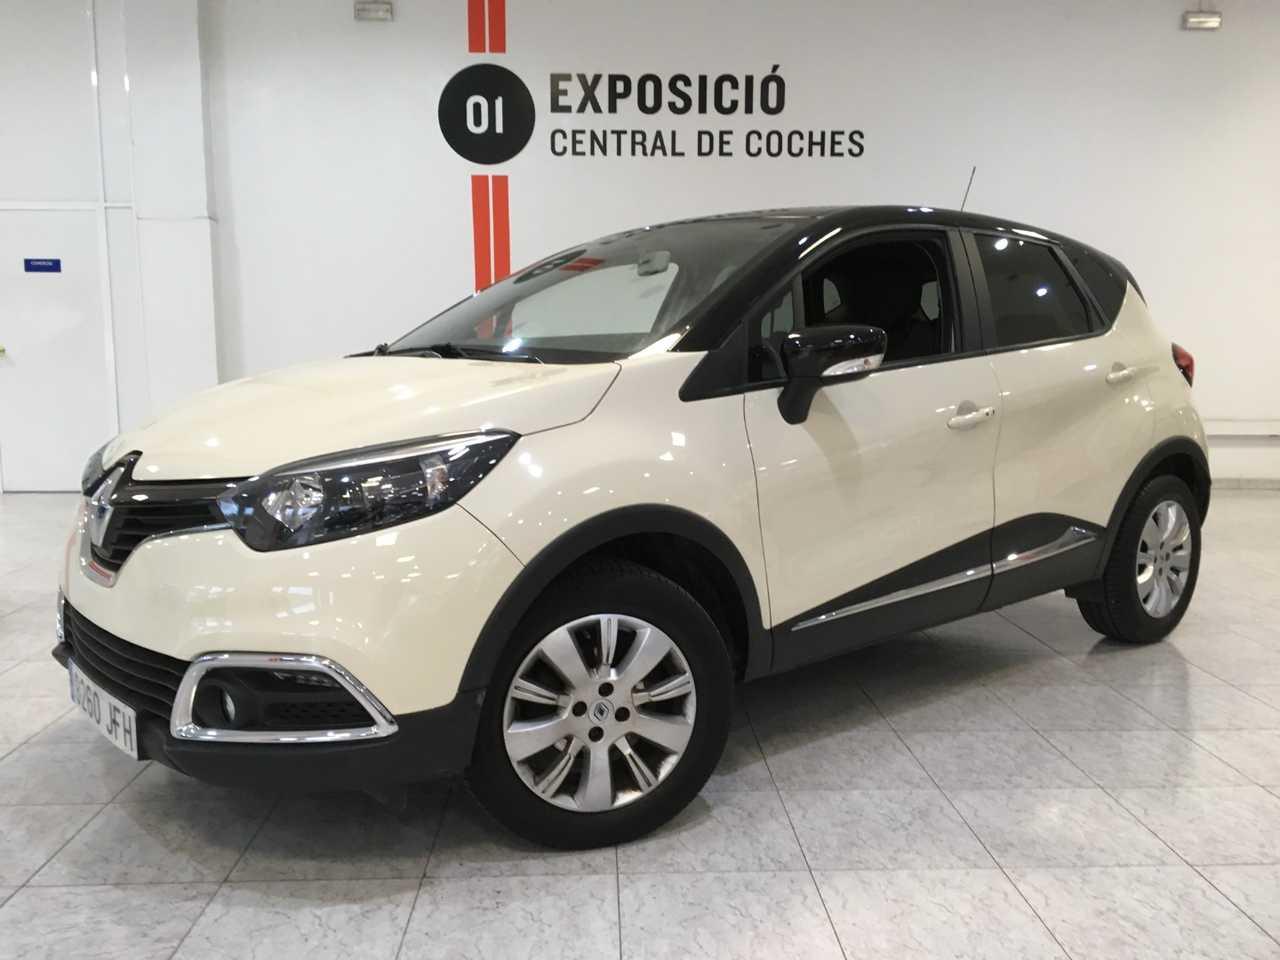 Renault Captur TCE Eco2  90cv Energy -24 MESES DE GARANTIA-   - Foto 1